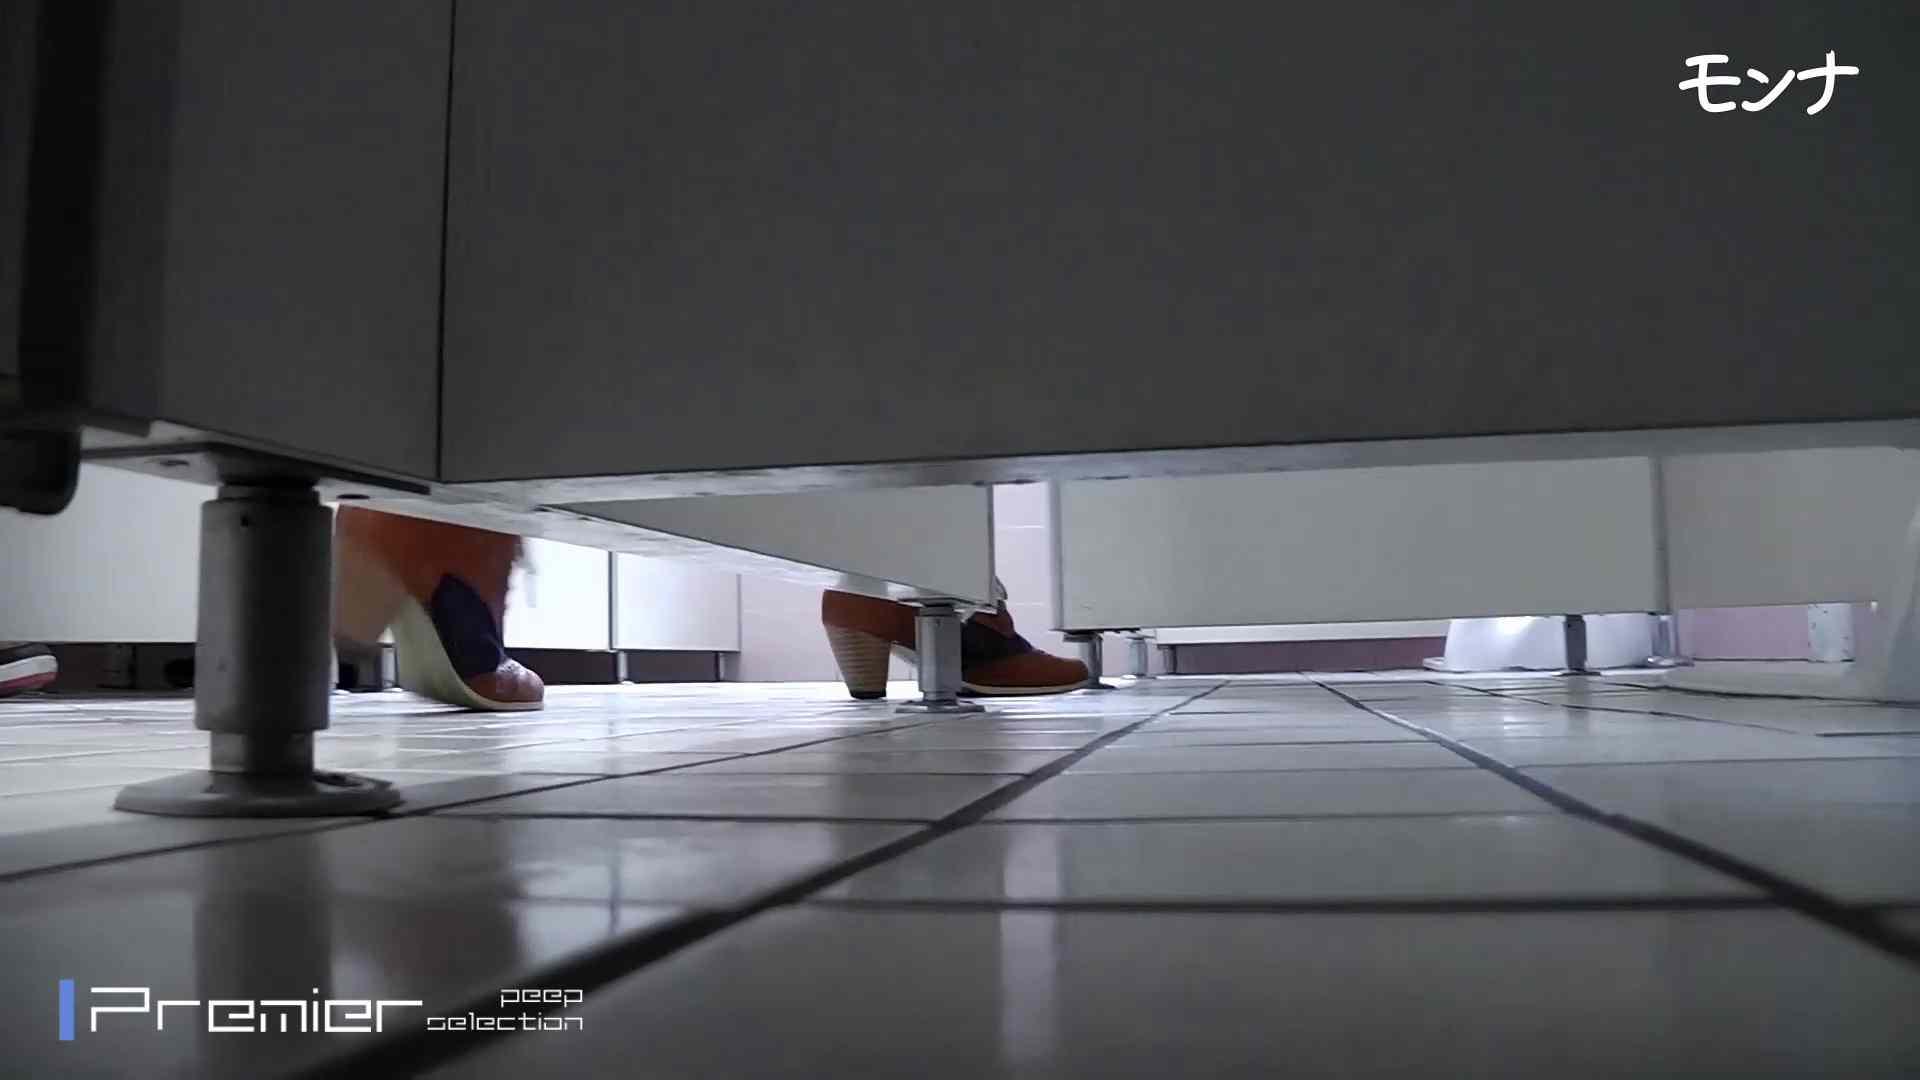 美しい日本の未来 No.84この美脚と距離感 盗撮 AV動画キャプチャ 68PIX 47